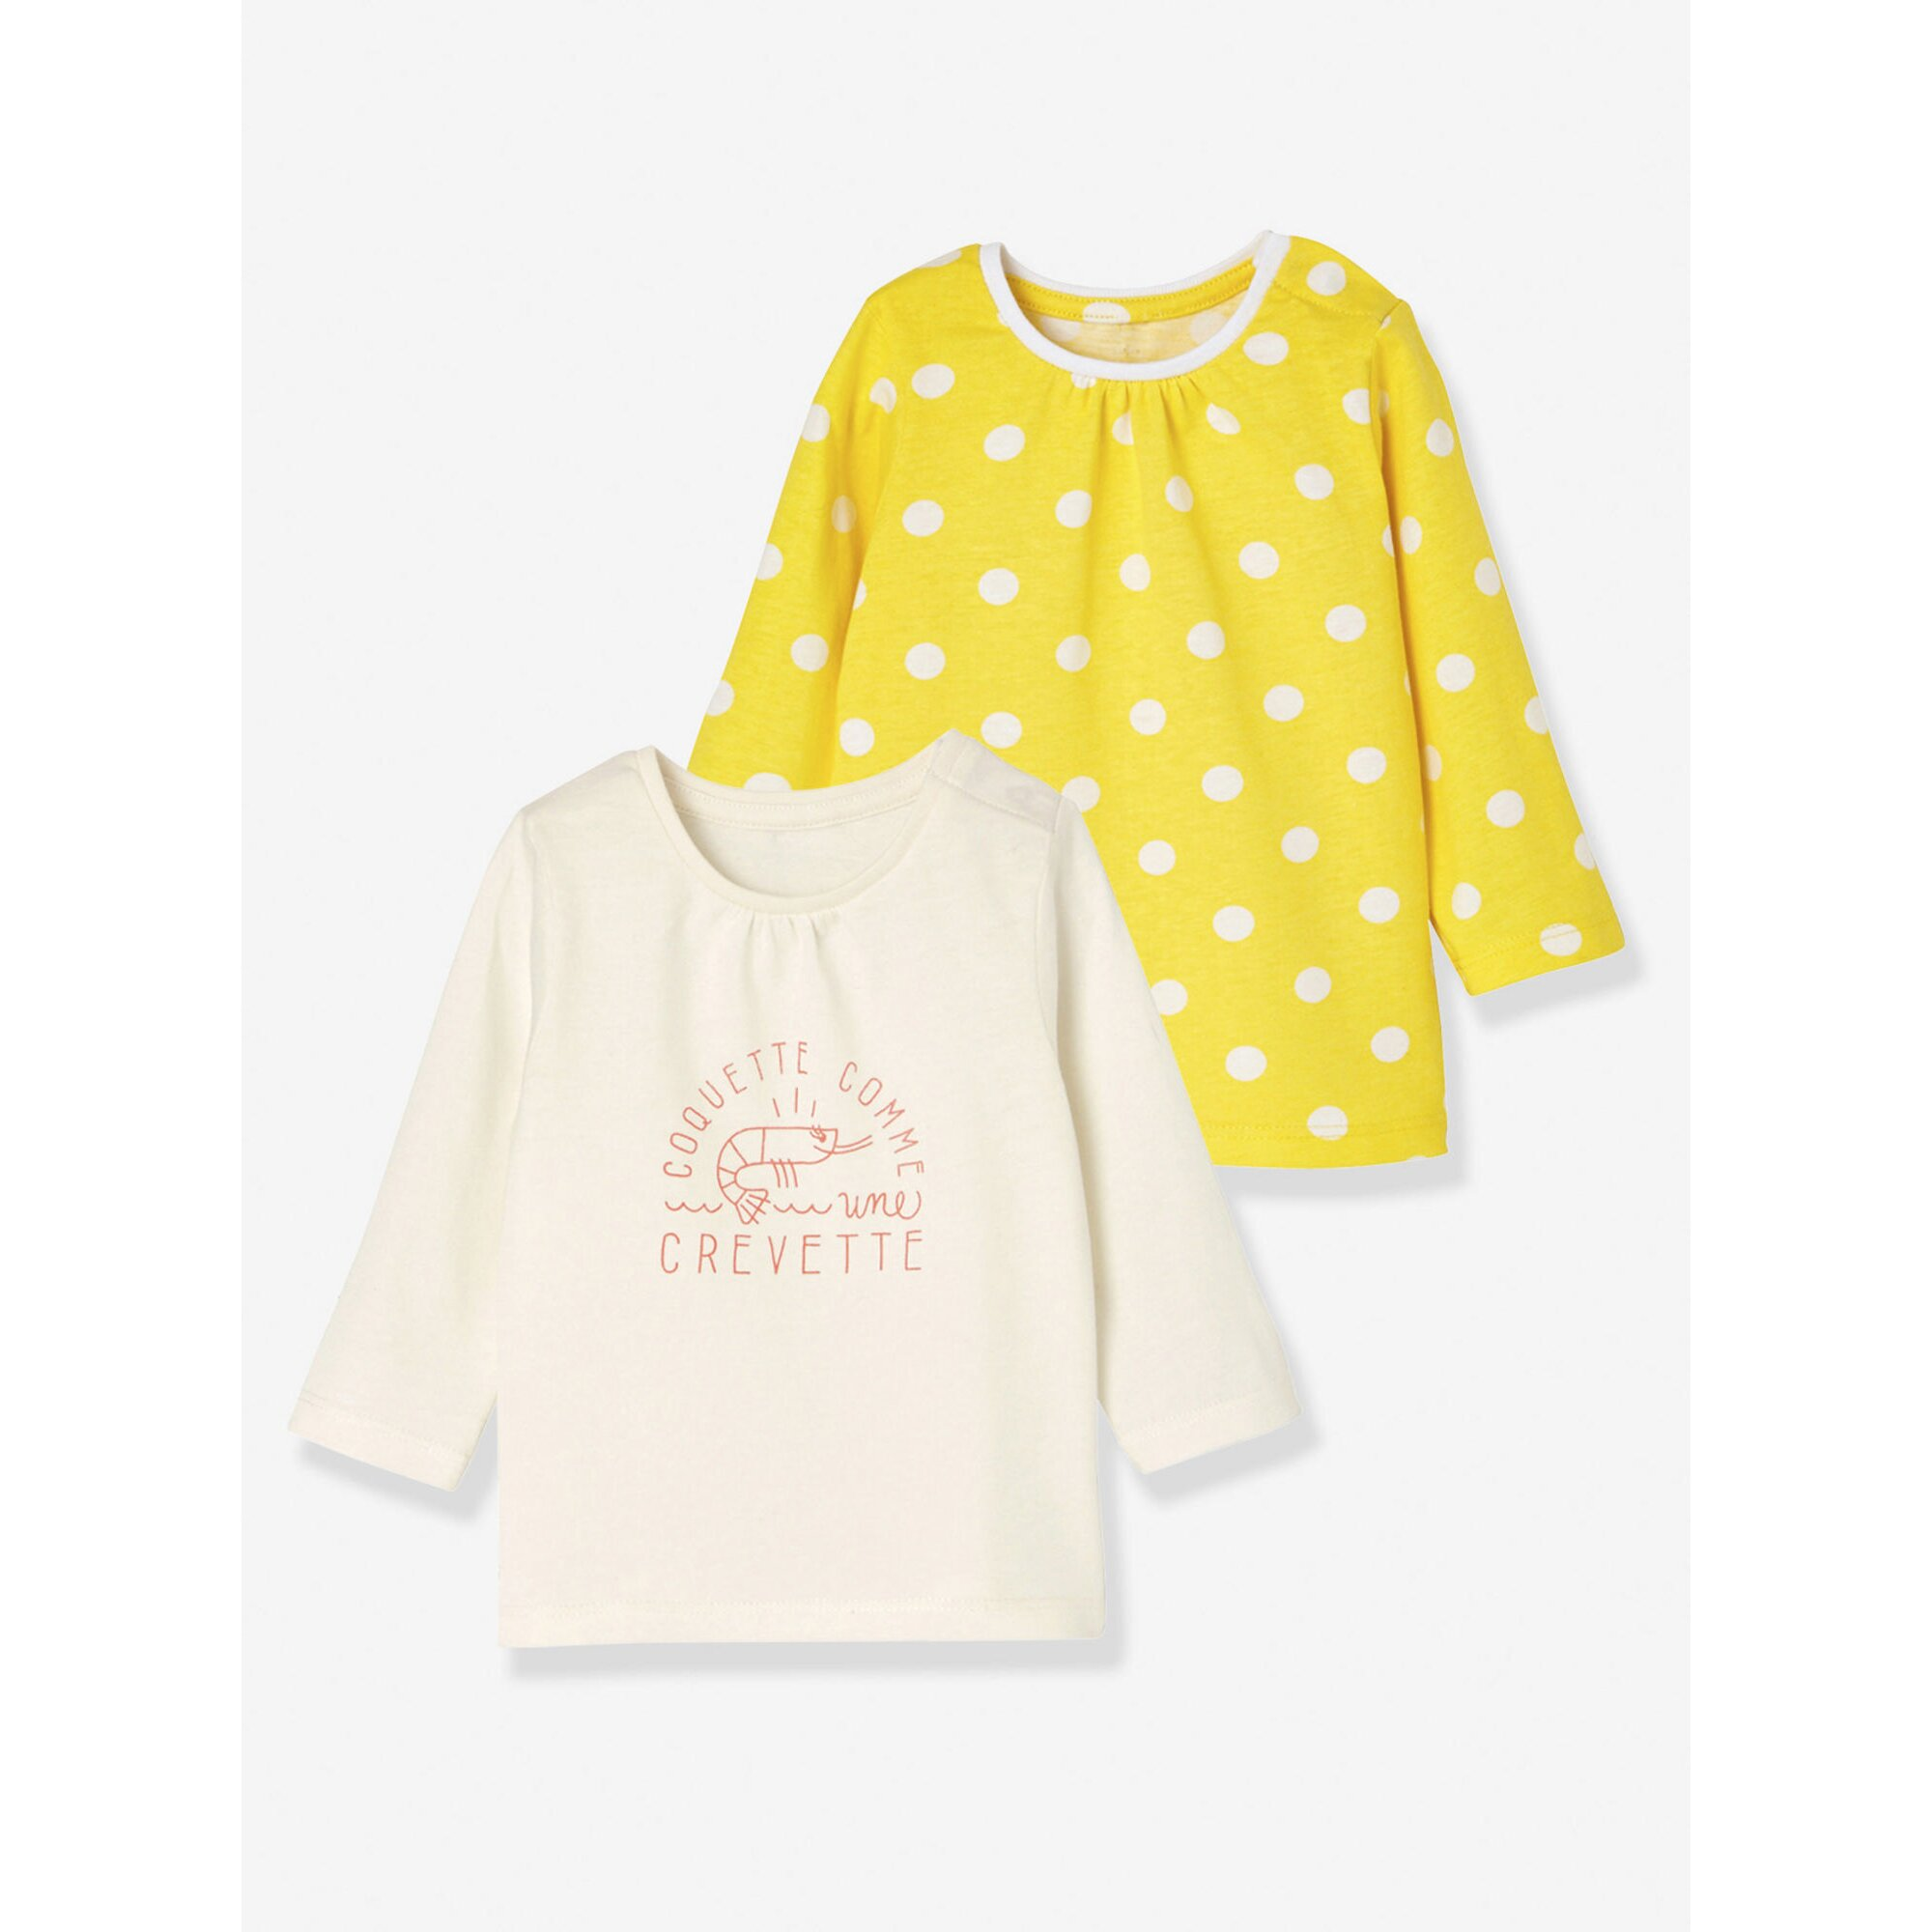 vertbaudet-2er-pack-baby-madchen-shirts-langarm, 10.99 EUR @ babywalz-de